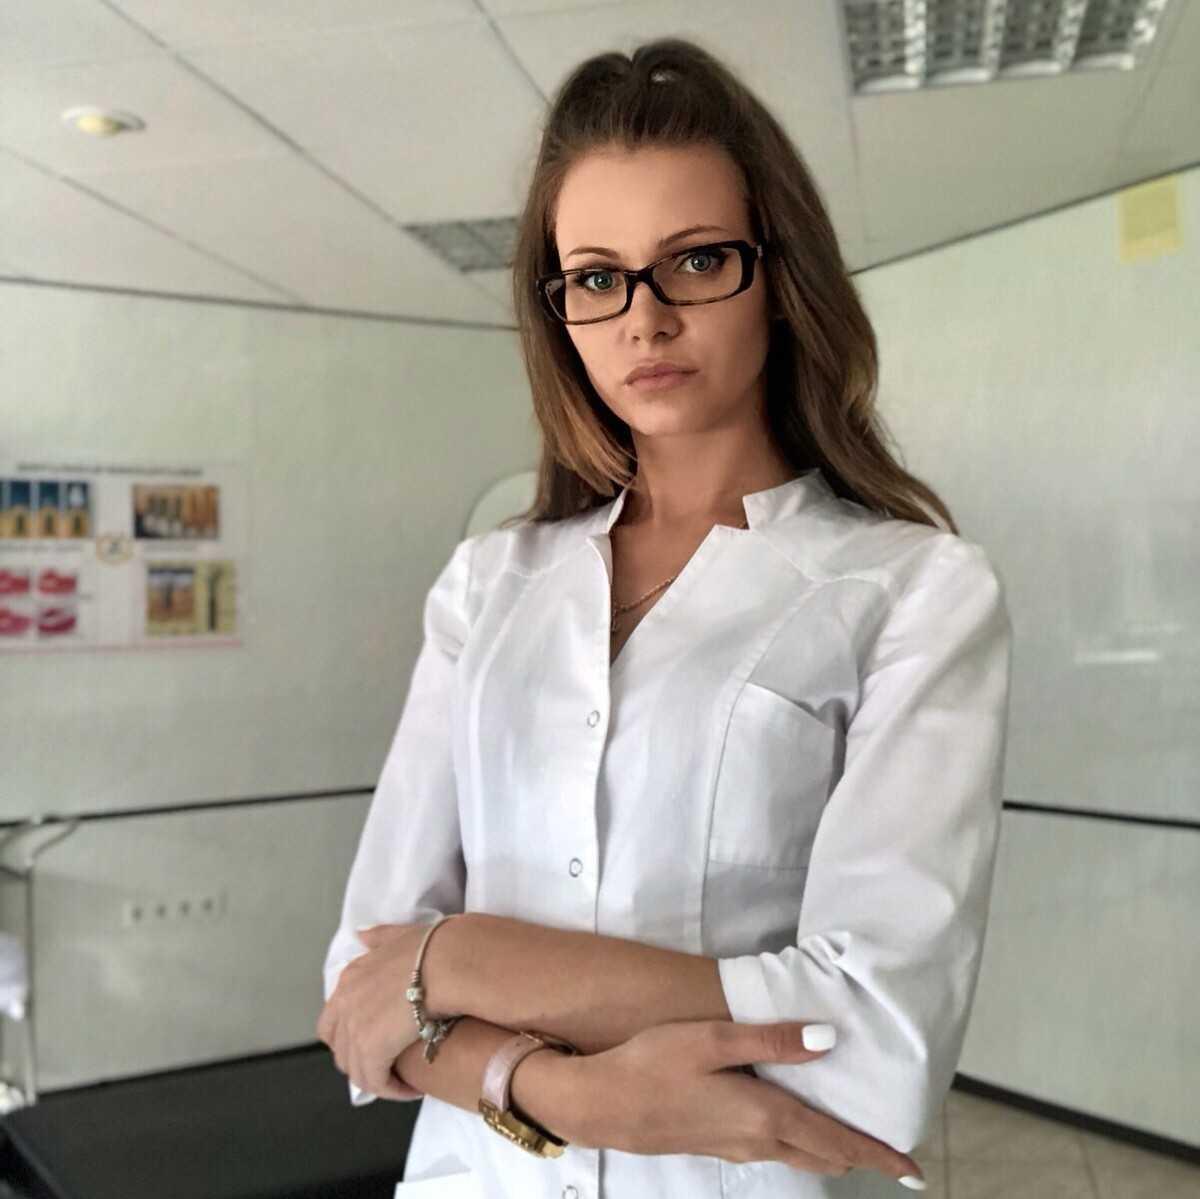 Родионова Дарья Андреевна - фотография